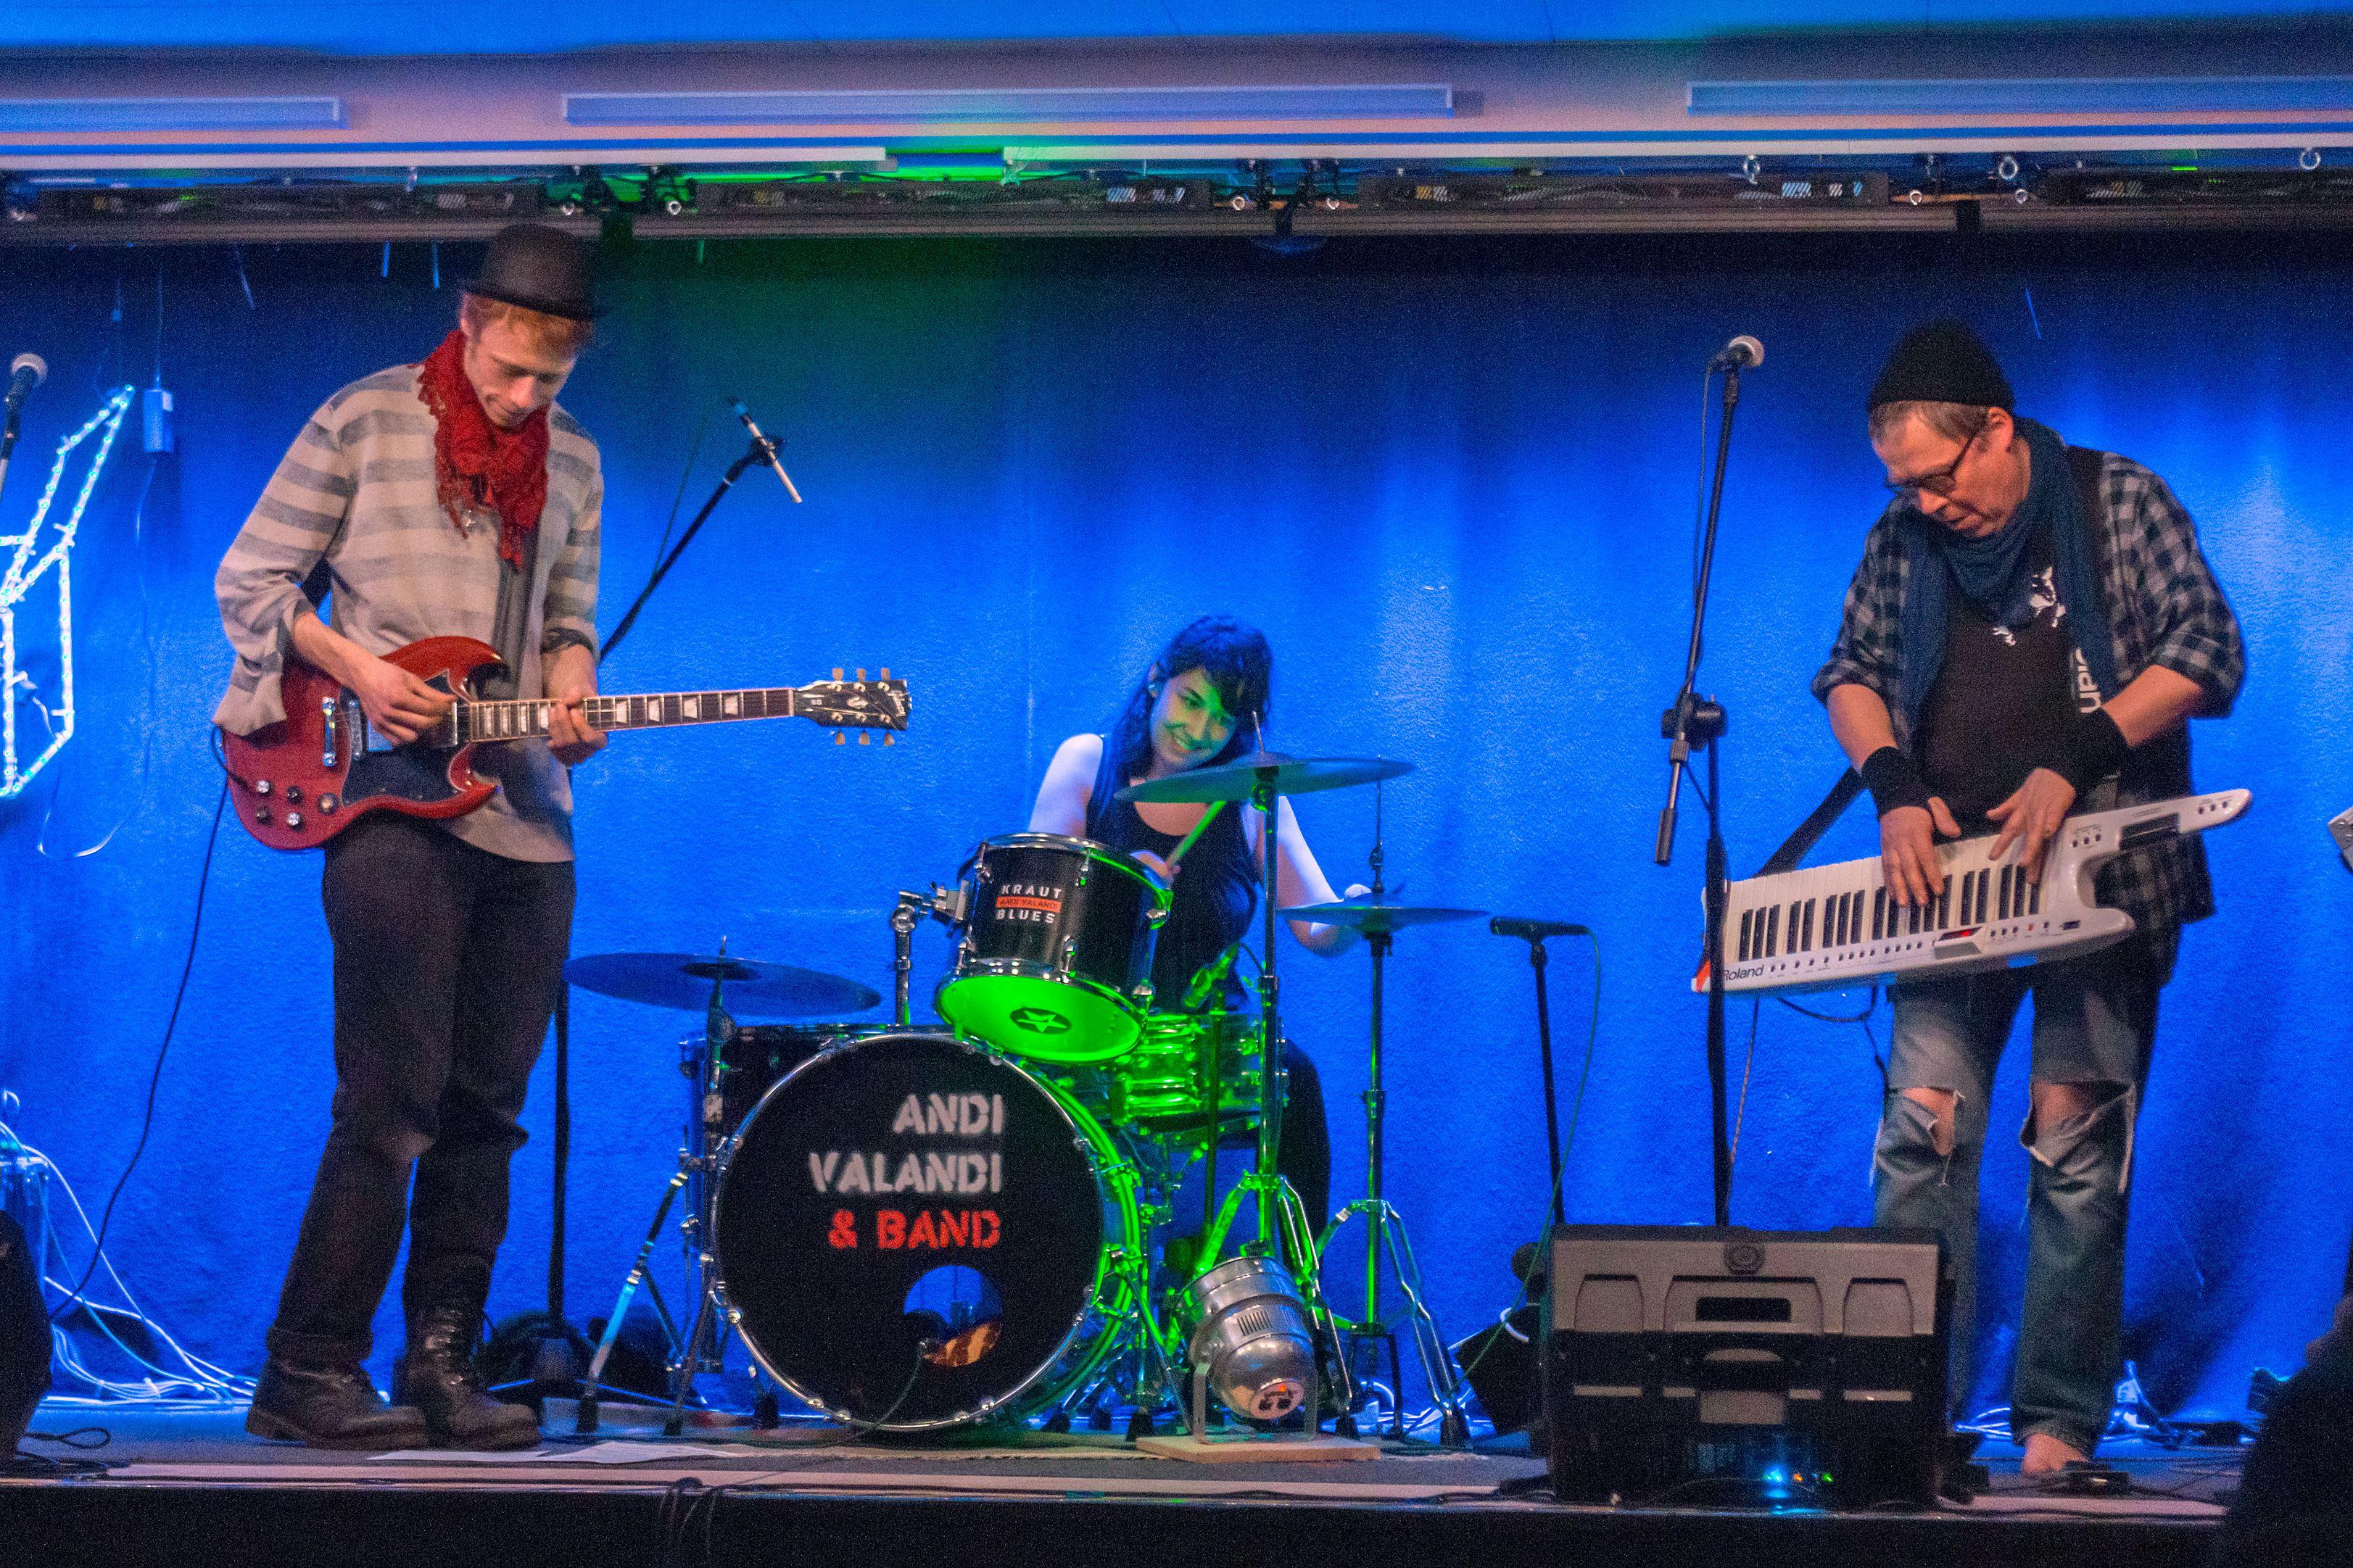 Andi Valandi und Band, Foto: Sandy Reichel